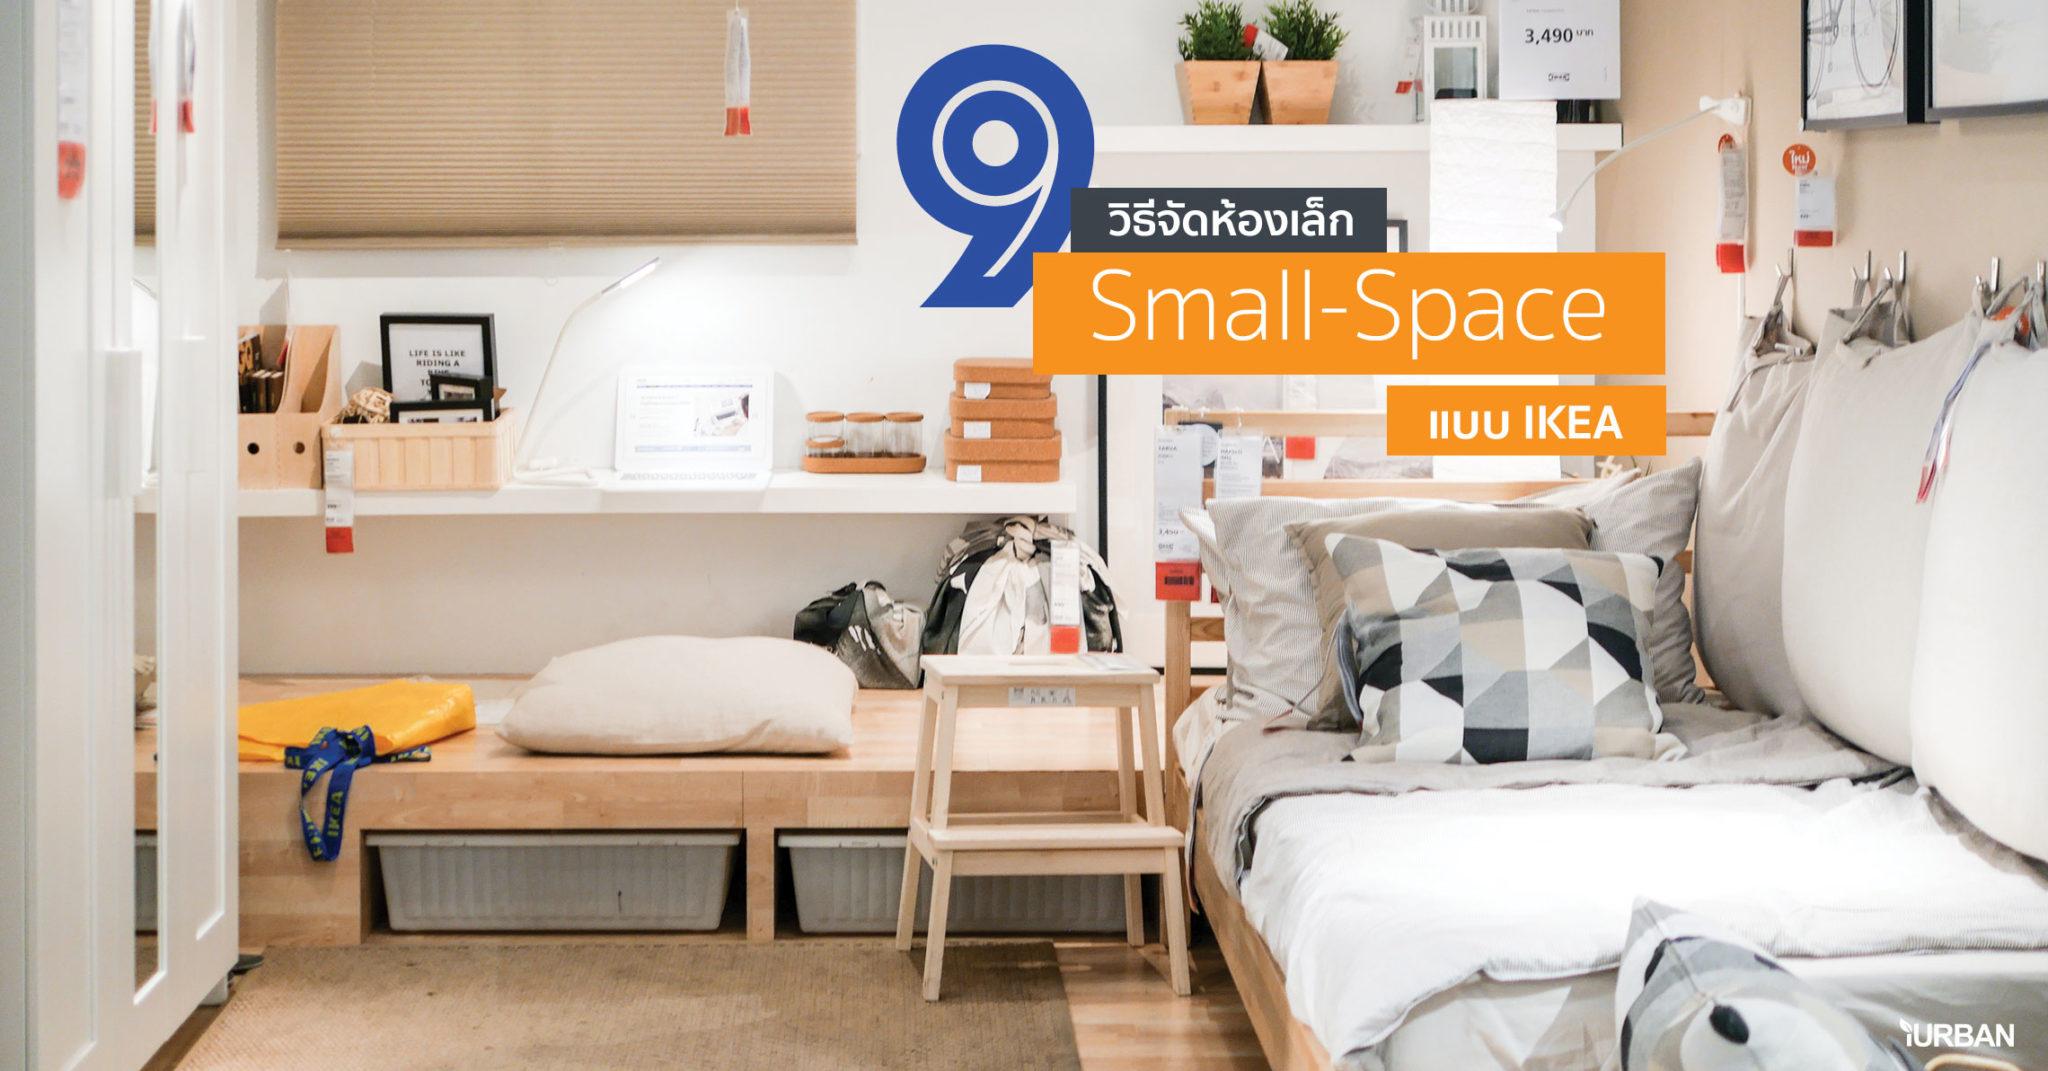 """9 วิธีจัดห้องเก่าให้เหมือนใหม่ ลอกวิธีจัดห้องในพื้นที่เล็ก """"Small Space"""" แบบ IKEA 2 - INSPIRATION"""